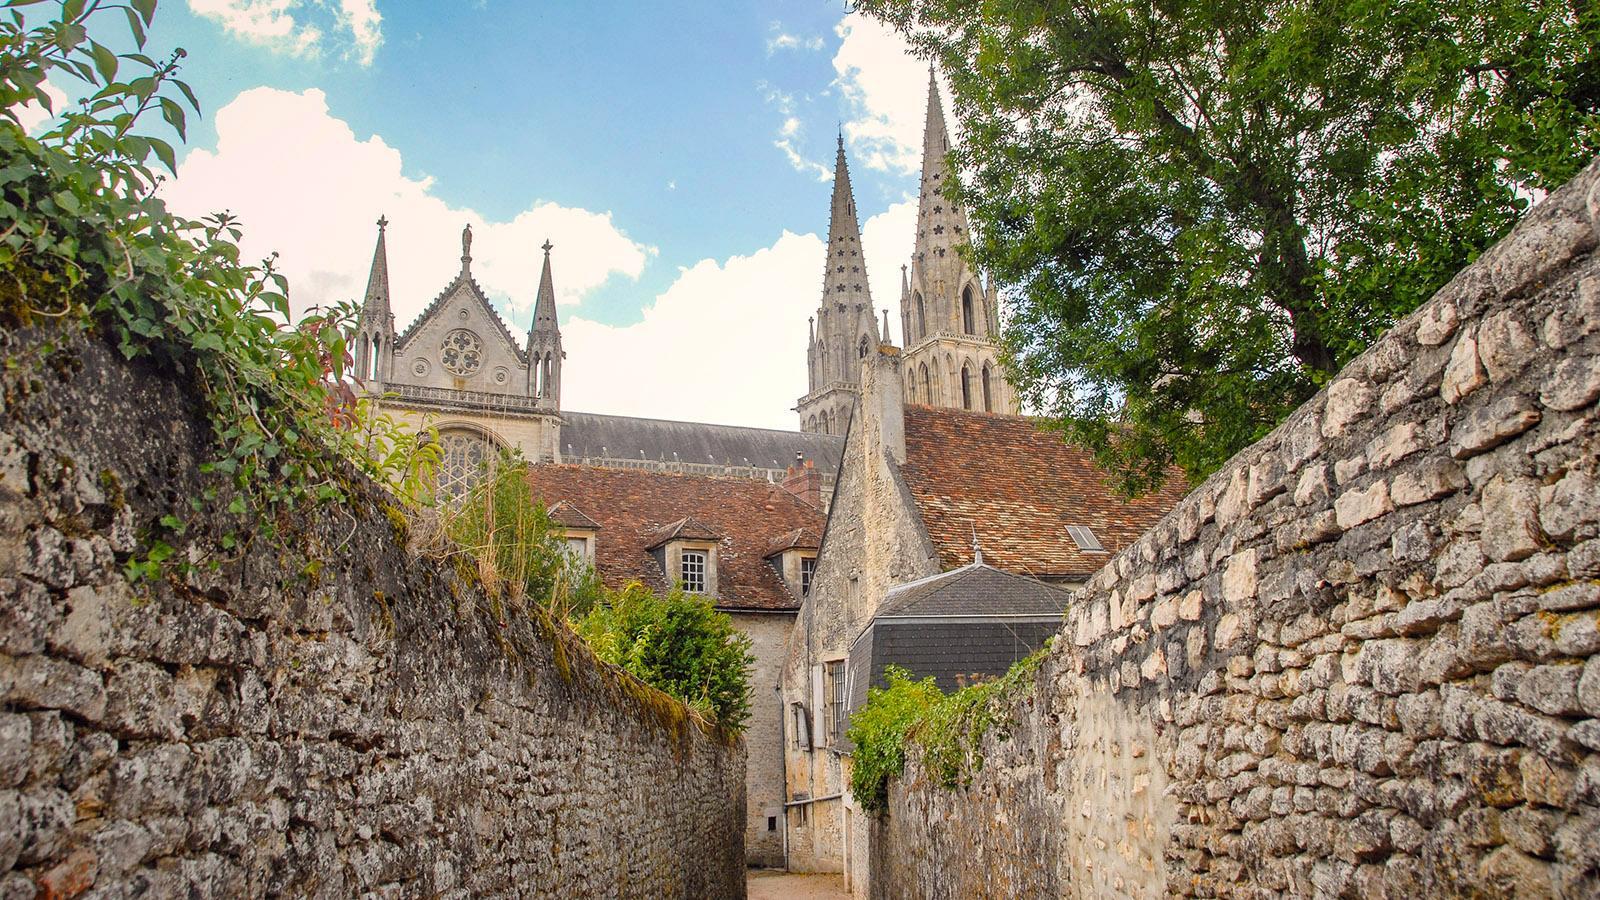 Eine schmale Gasse, umgeben von hohen Feldsteinmauern, führt zur Kathedrale von Sées. Foto: Hilke Maunder